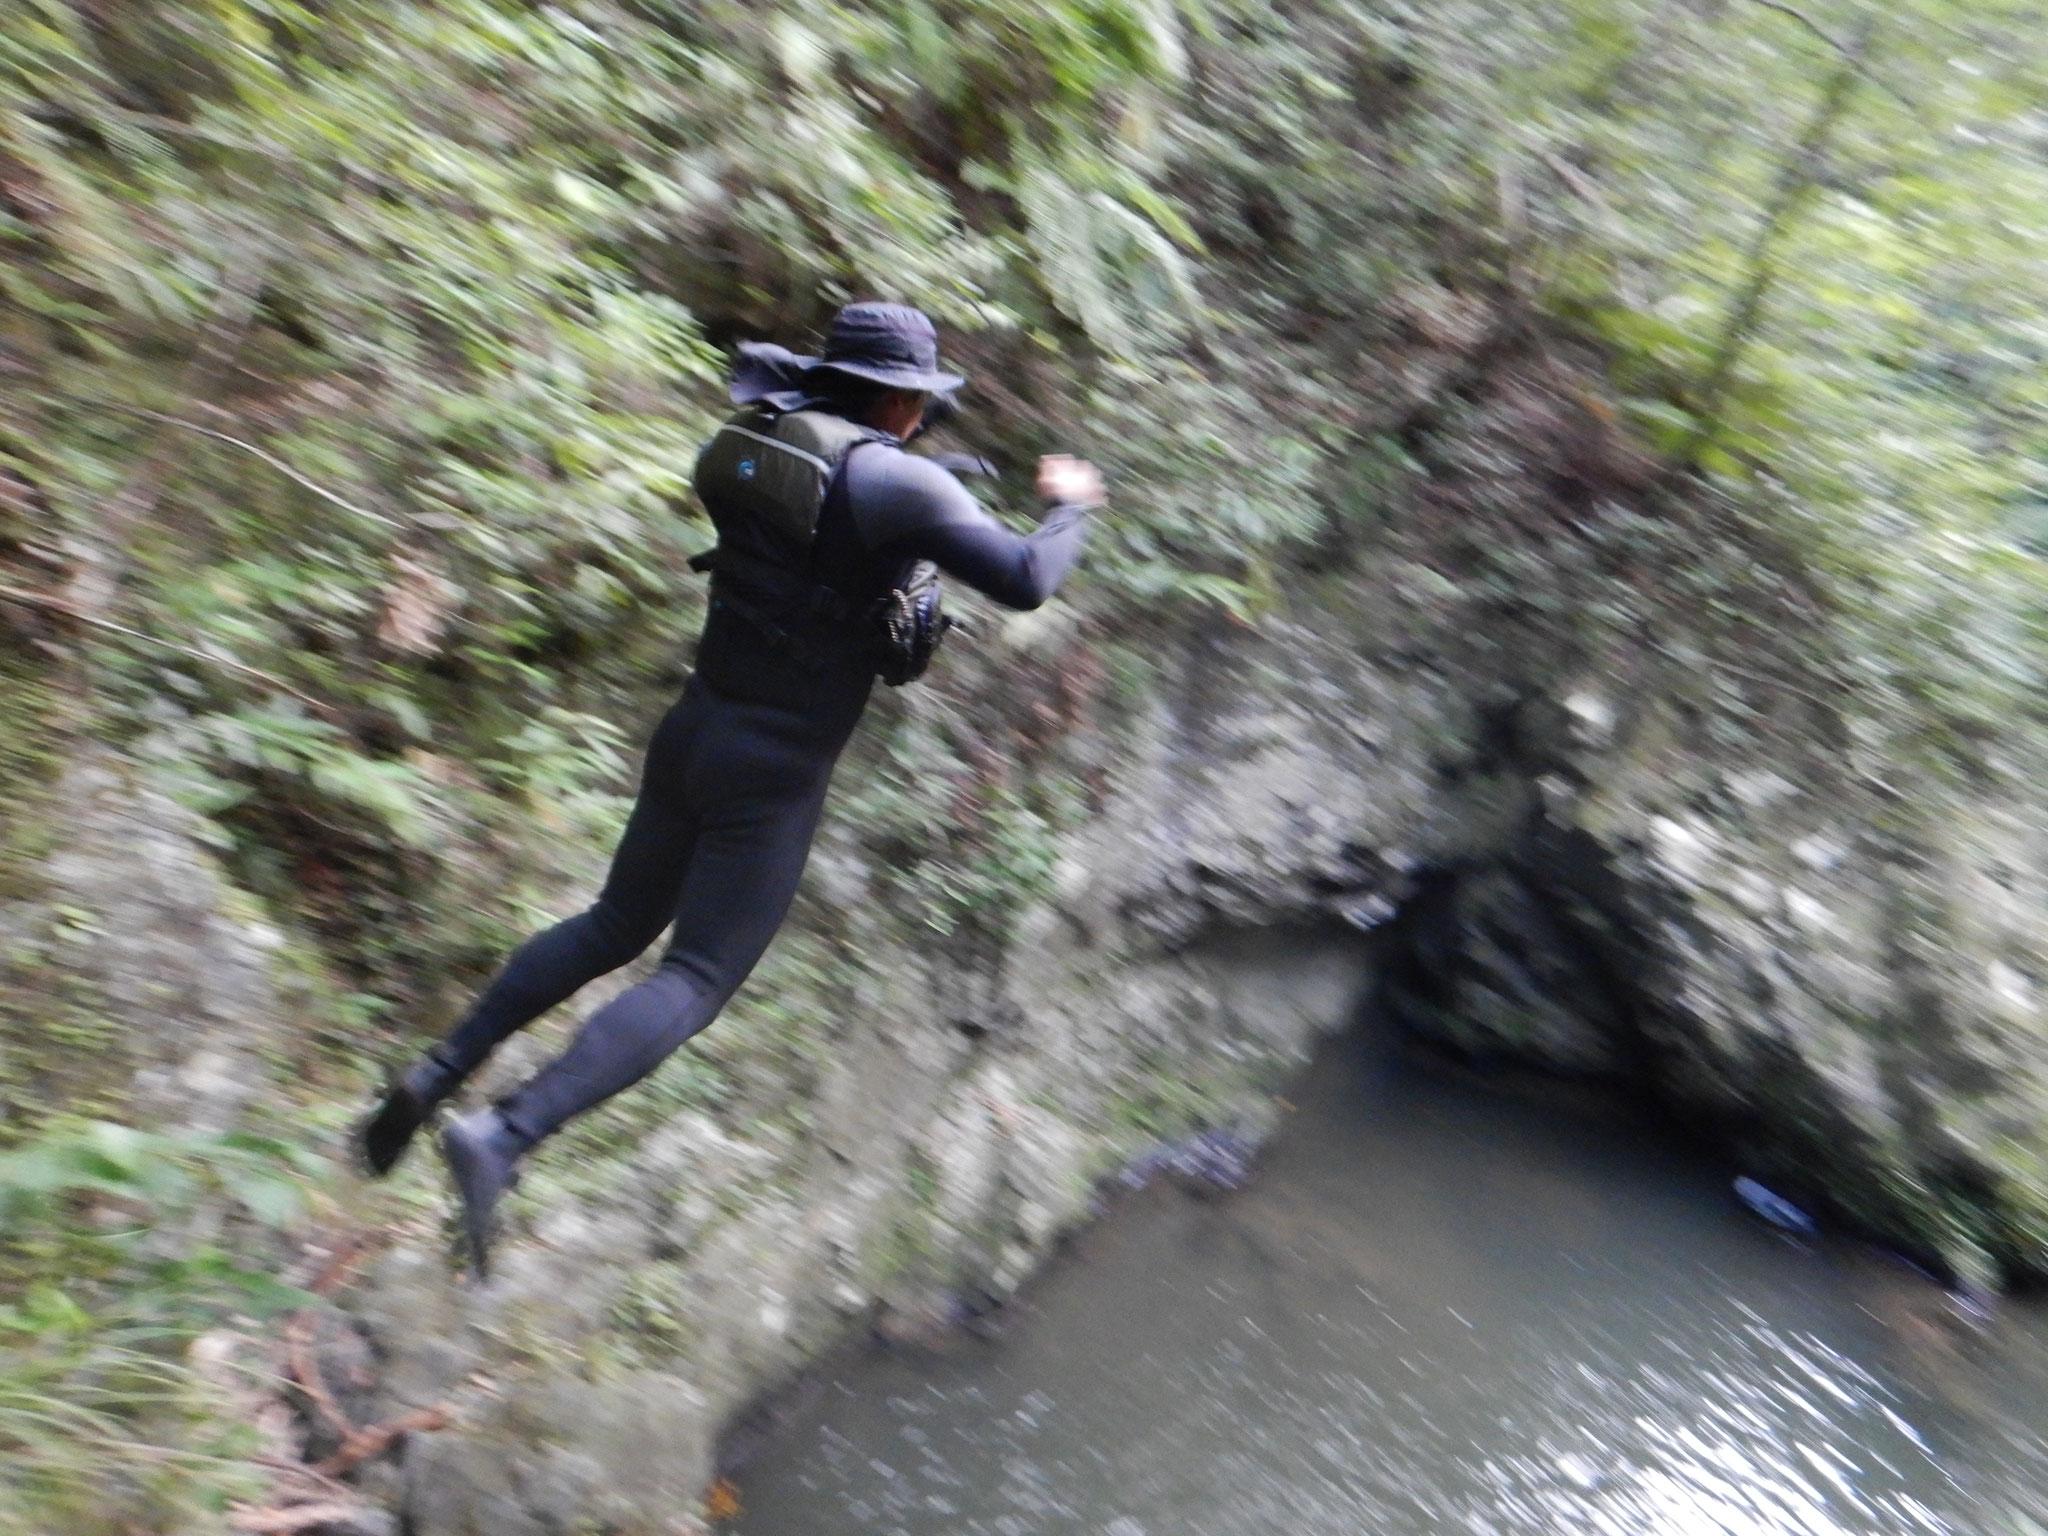 ジャンプもいいし、泳いでみるのもいいね。